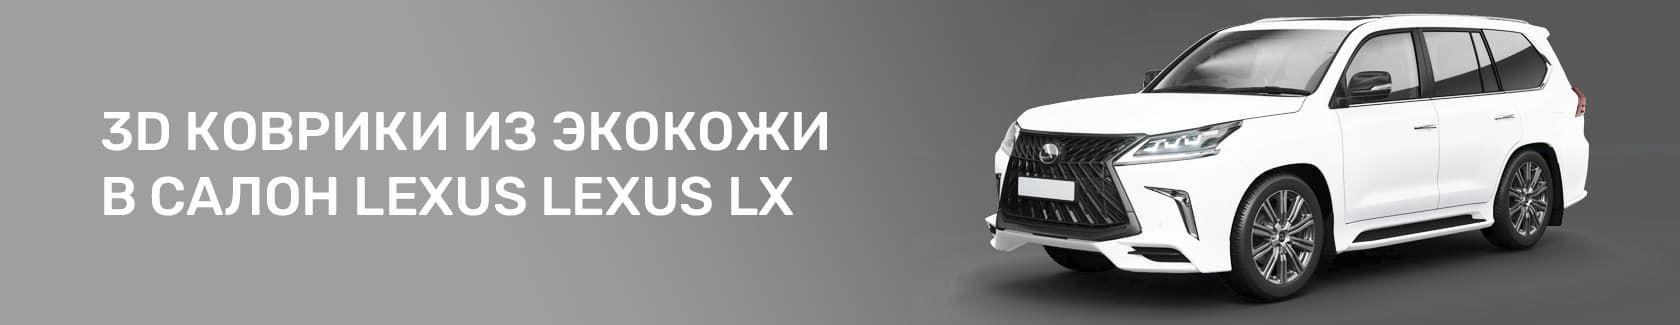 Коврики 3D из экокожи для Lexus LX